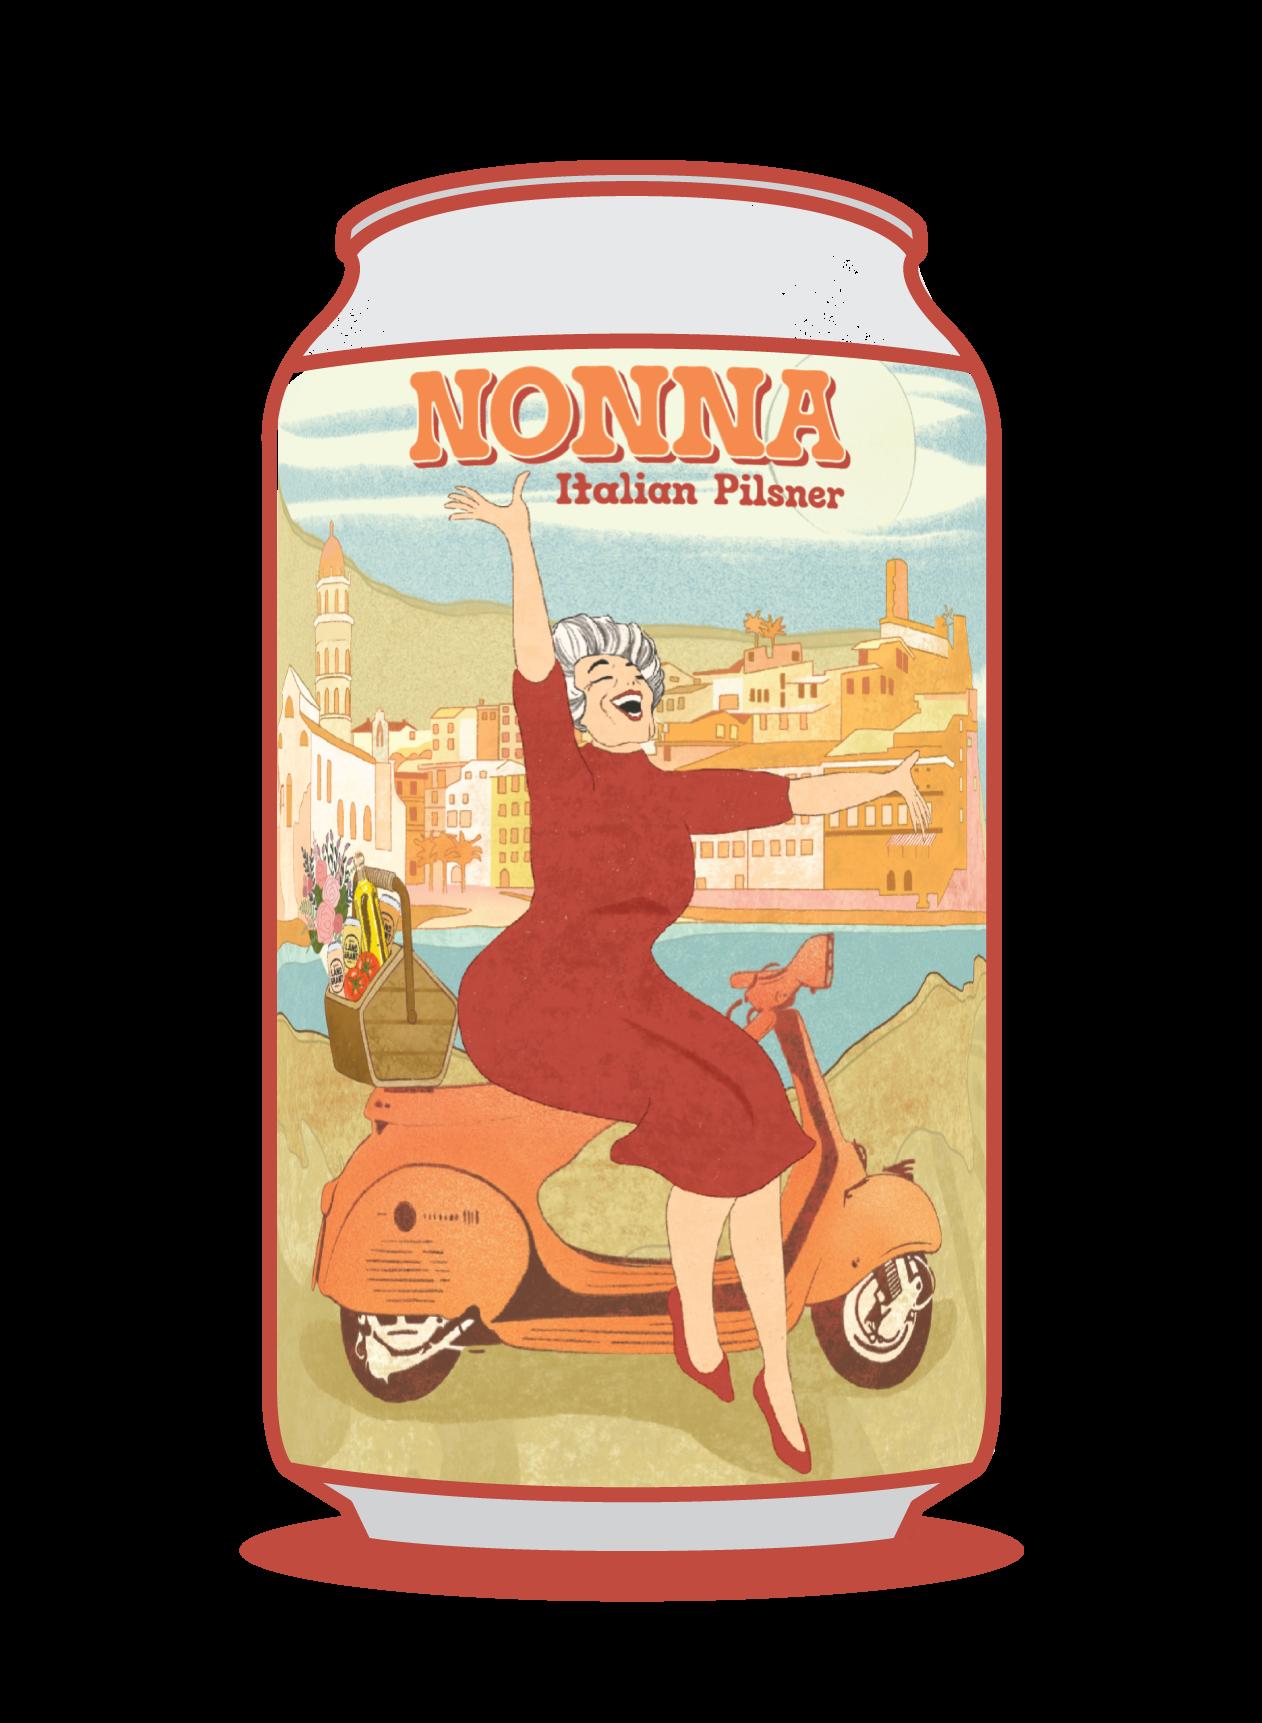 Nonna Image